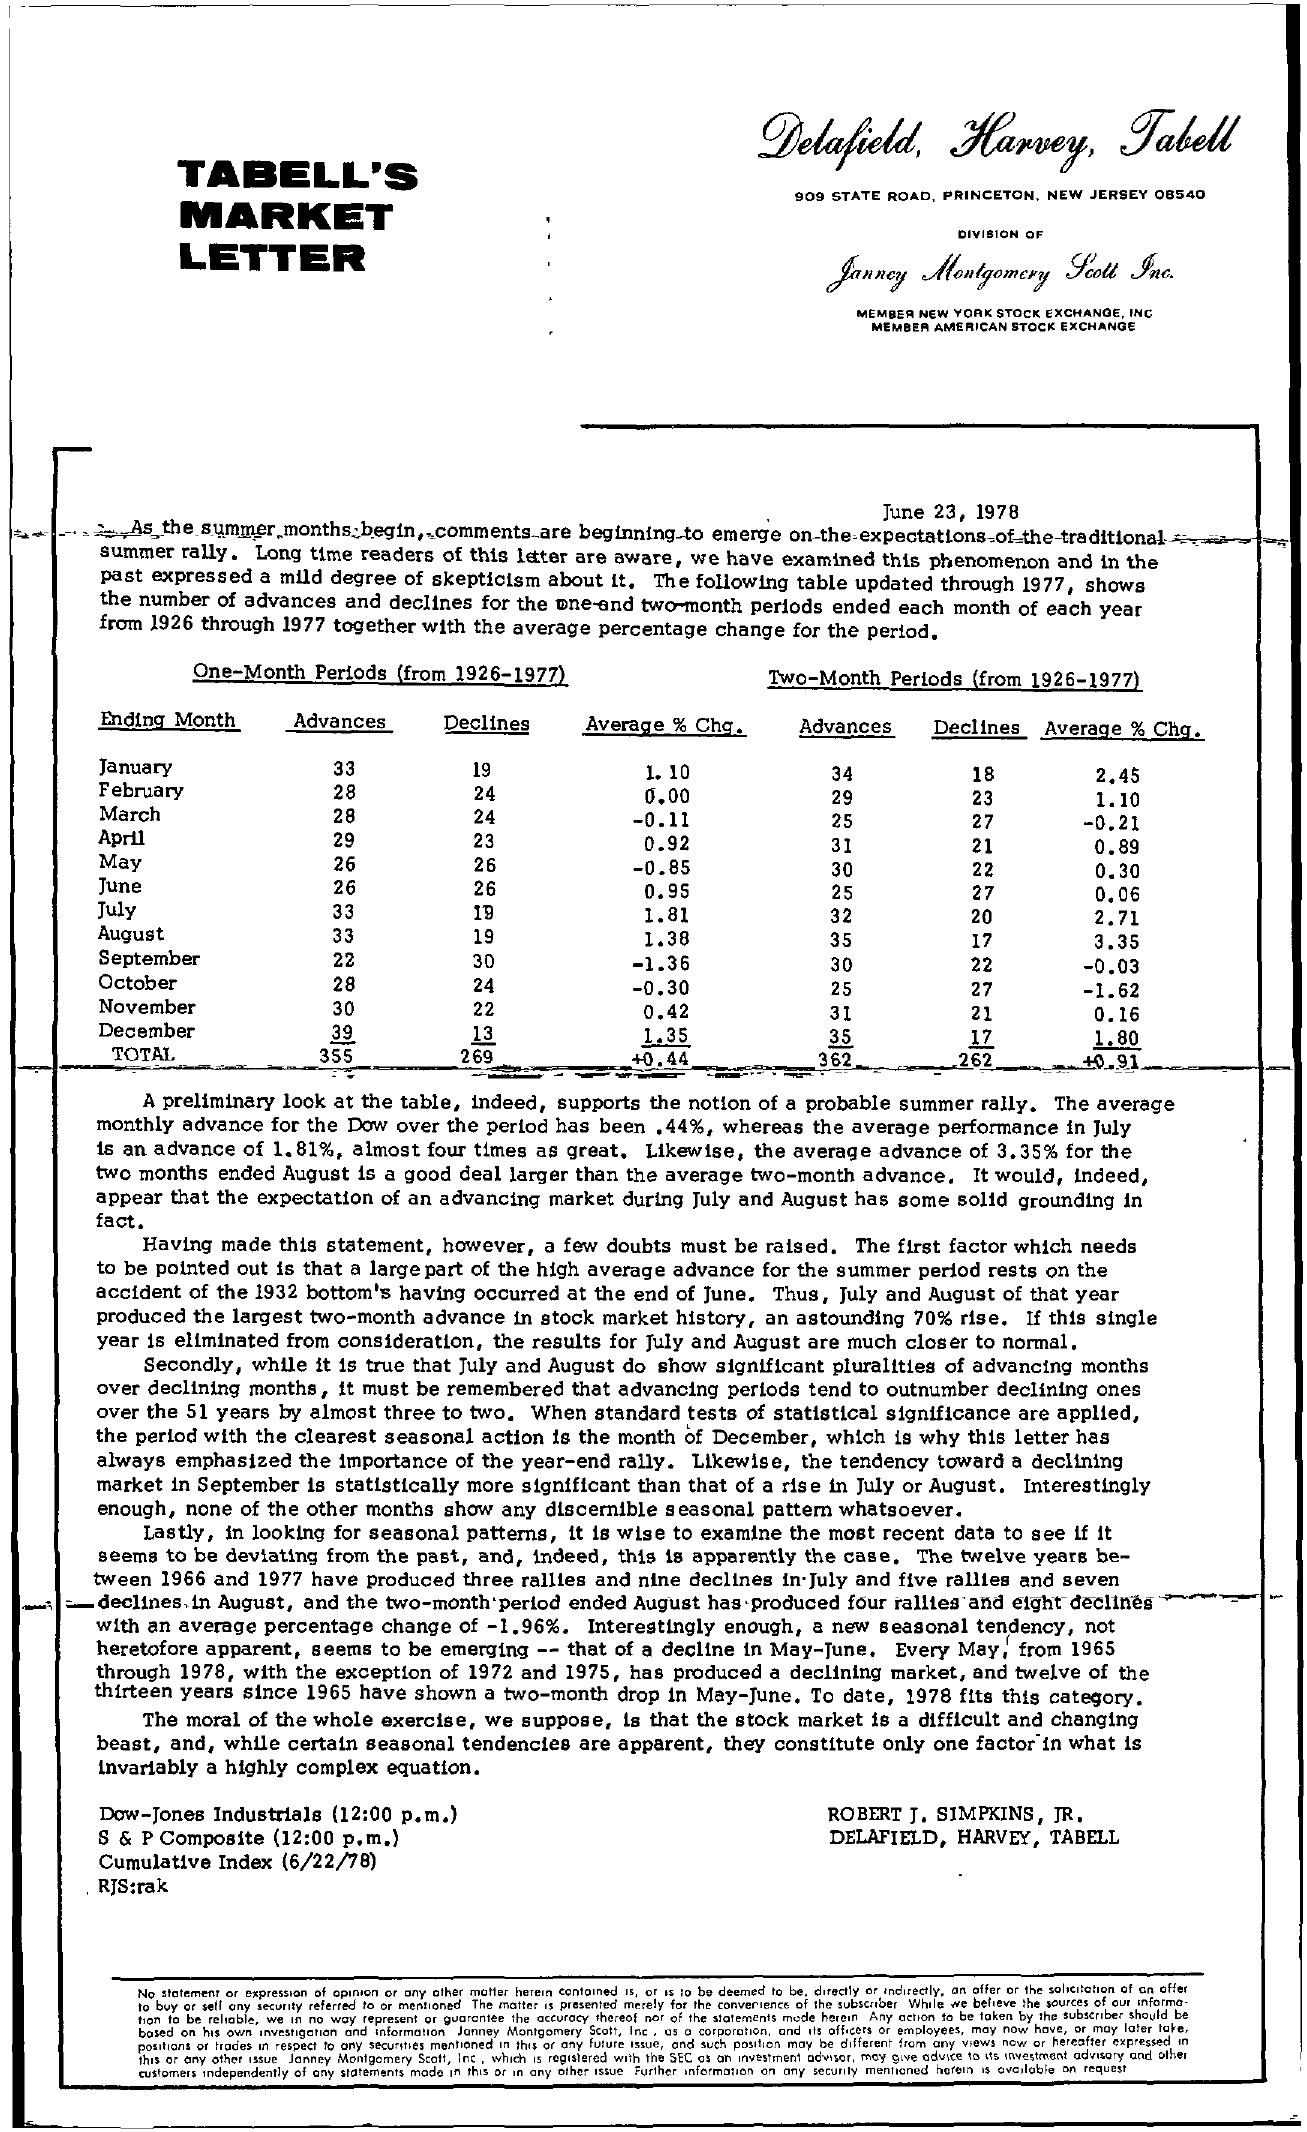 Tabell's Market Letter - June 23, 1978